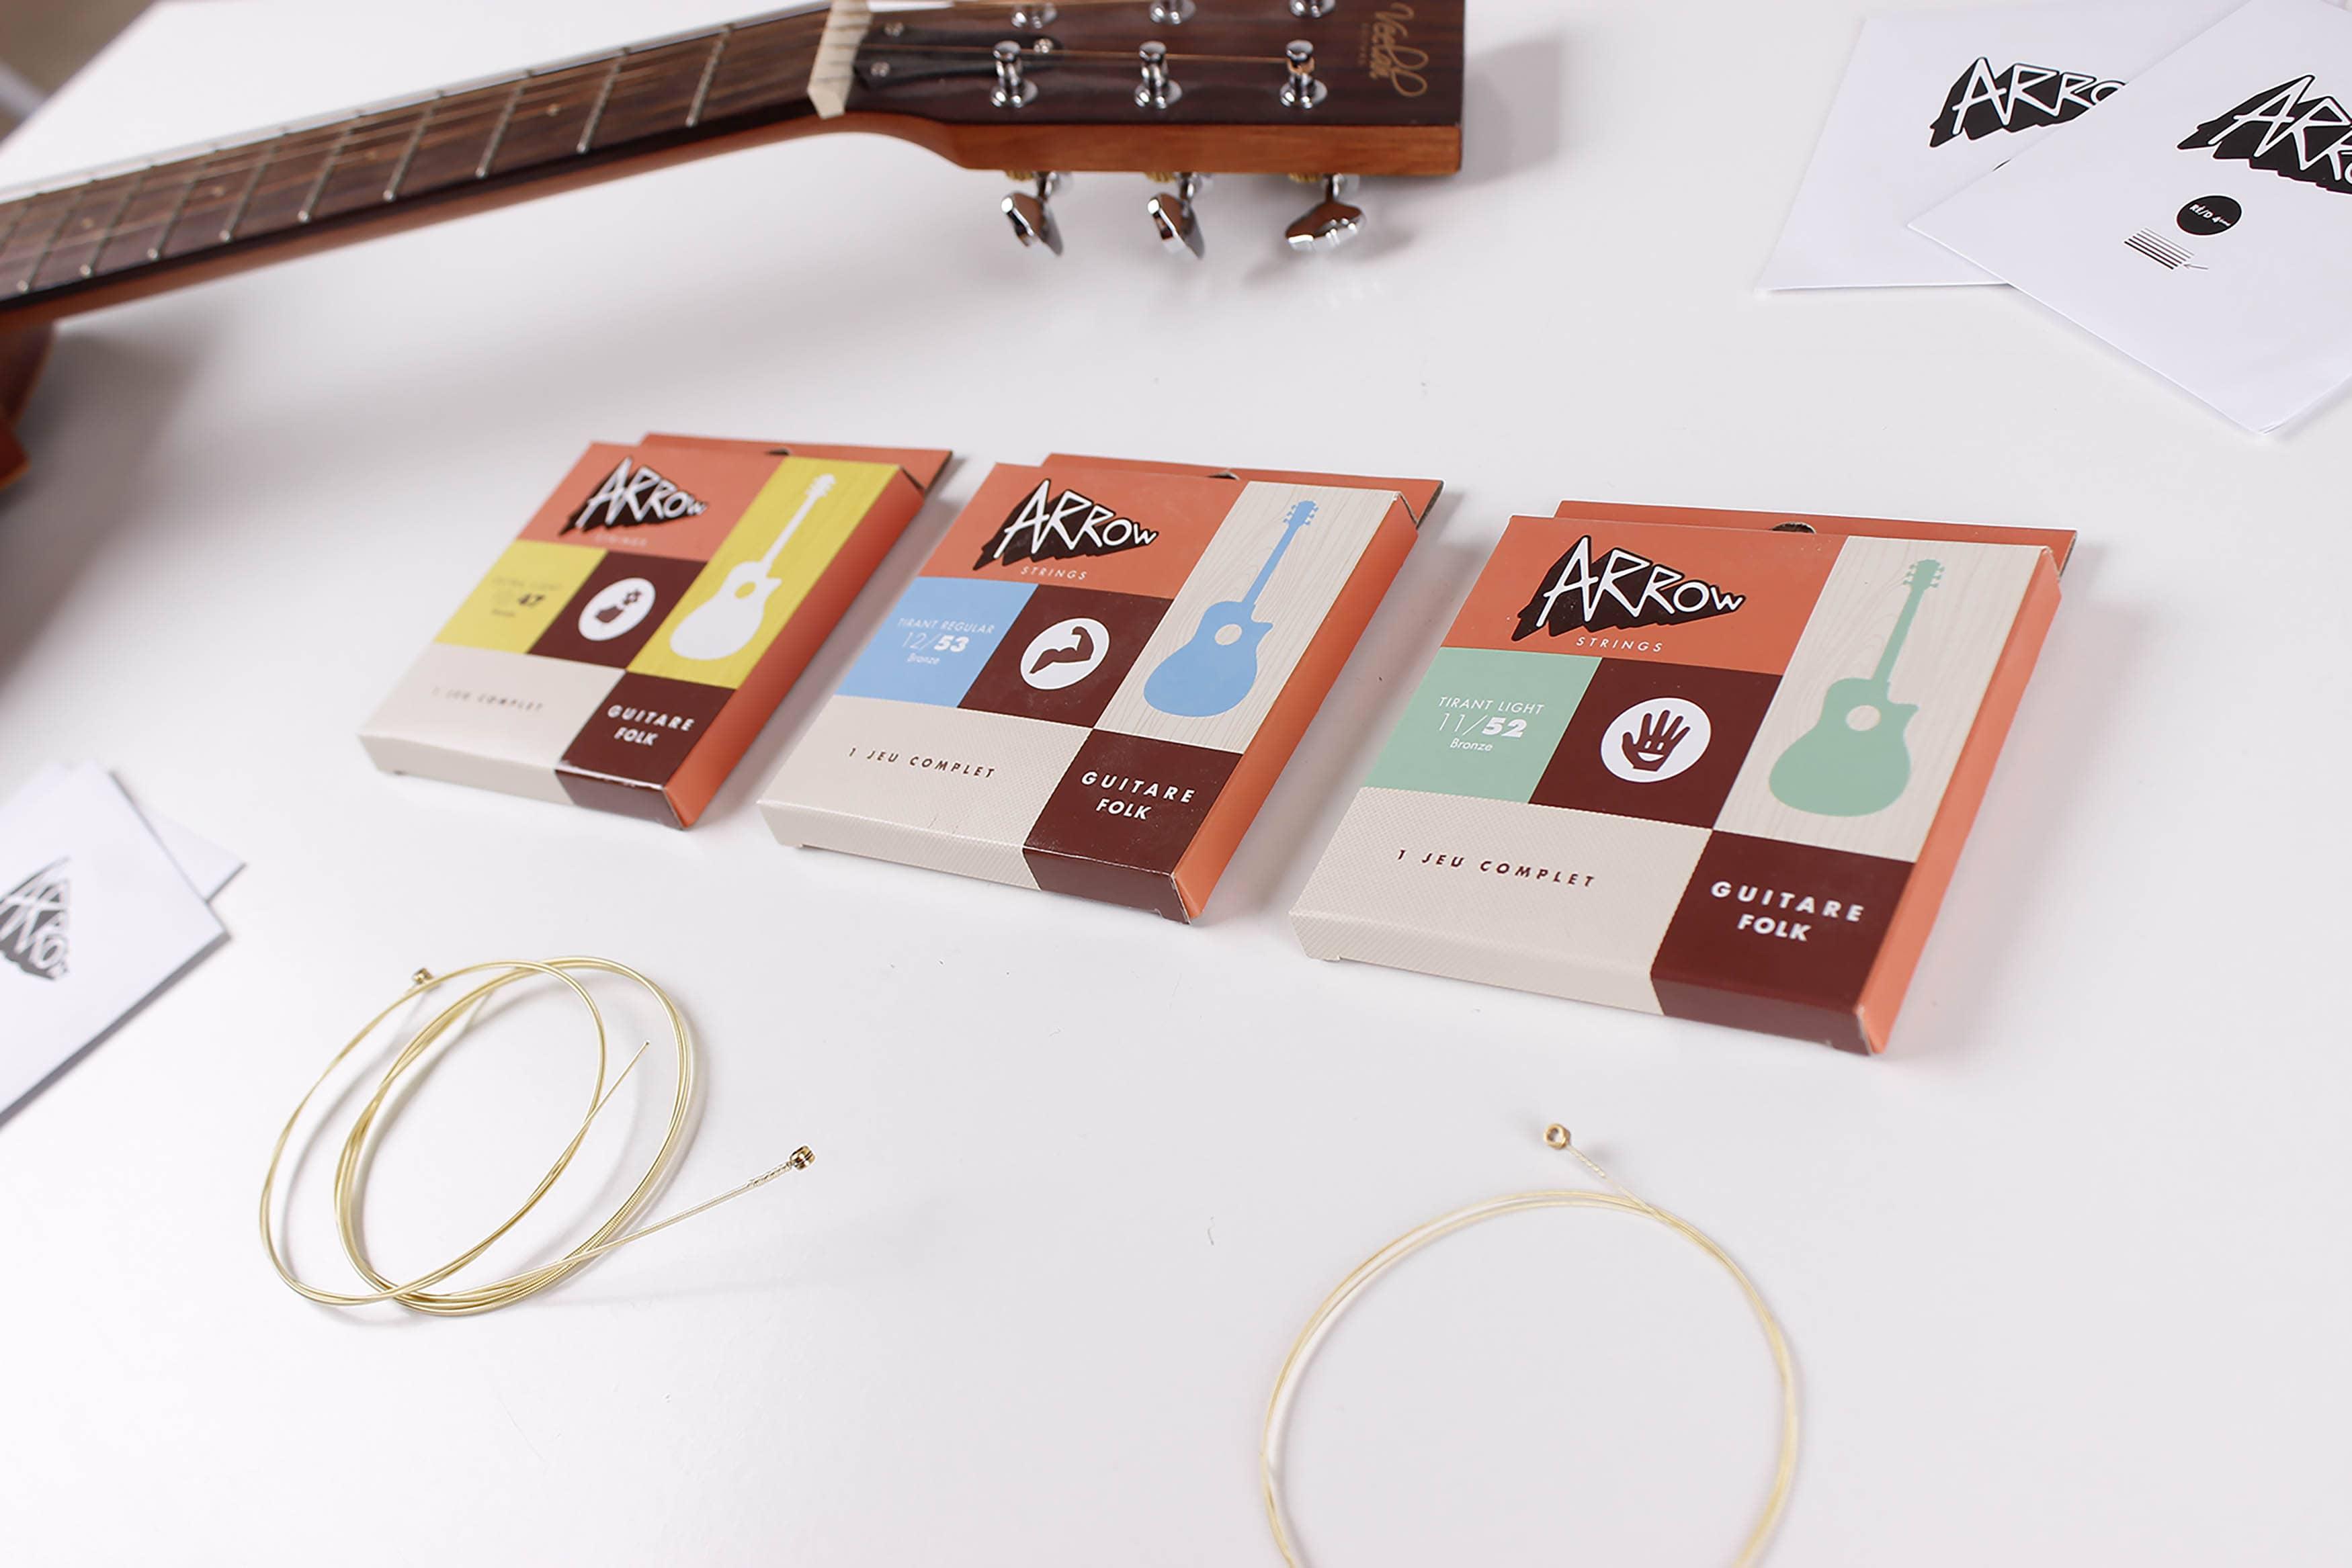 Jeux de cordes Arrow. 3 jeux de cordes pour guitare folk alignées sur une table blanche à coté d'une guitare. Quelques cordes sont sorties autour des pochettes.